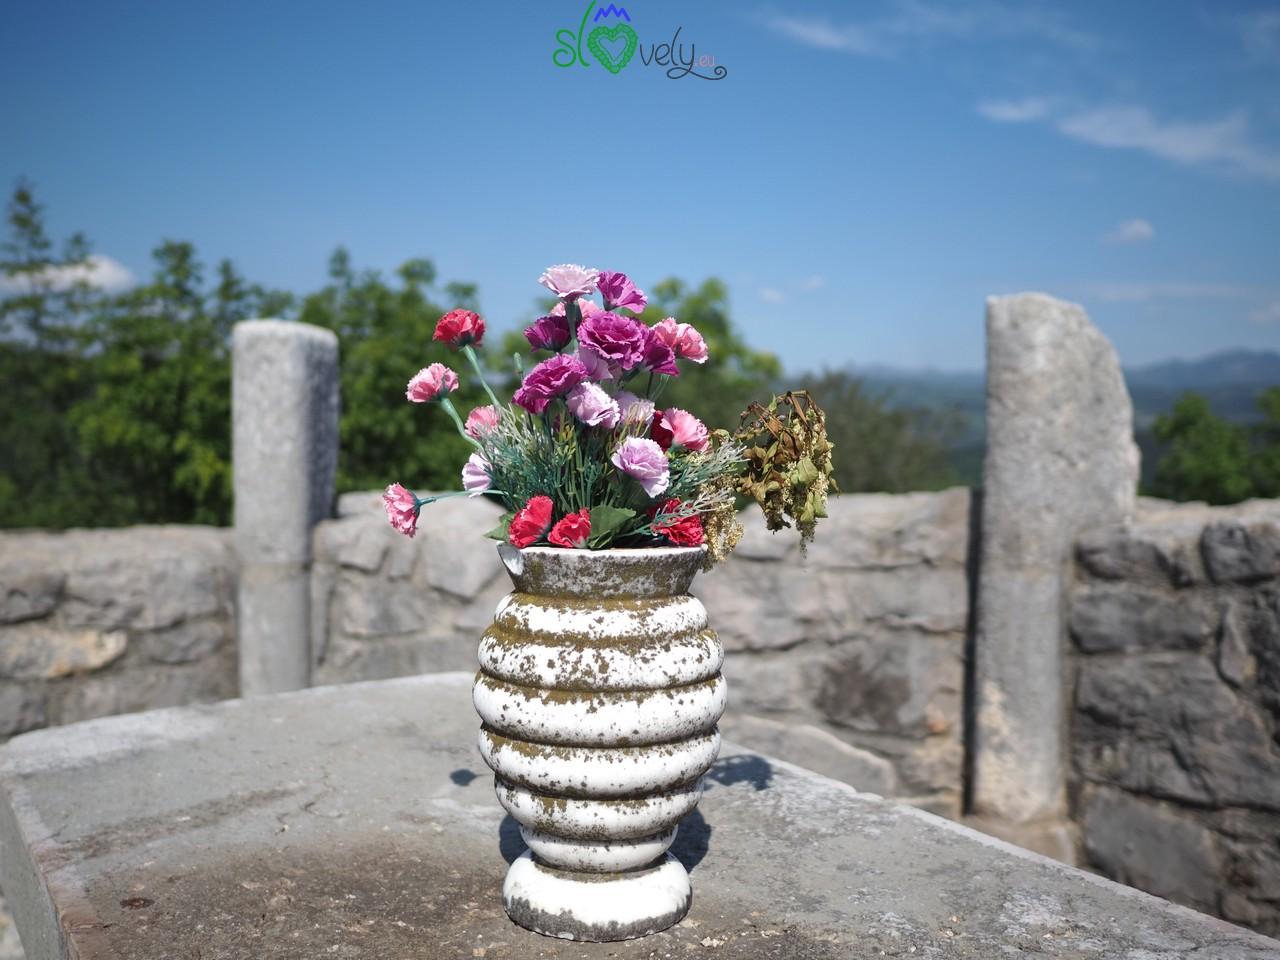 Un mazzo di fiori non manca mai sull'altare della chiesetta di San Valentino.